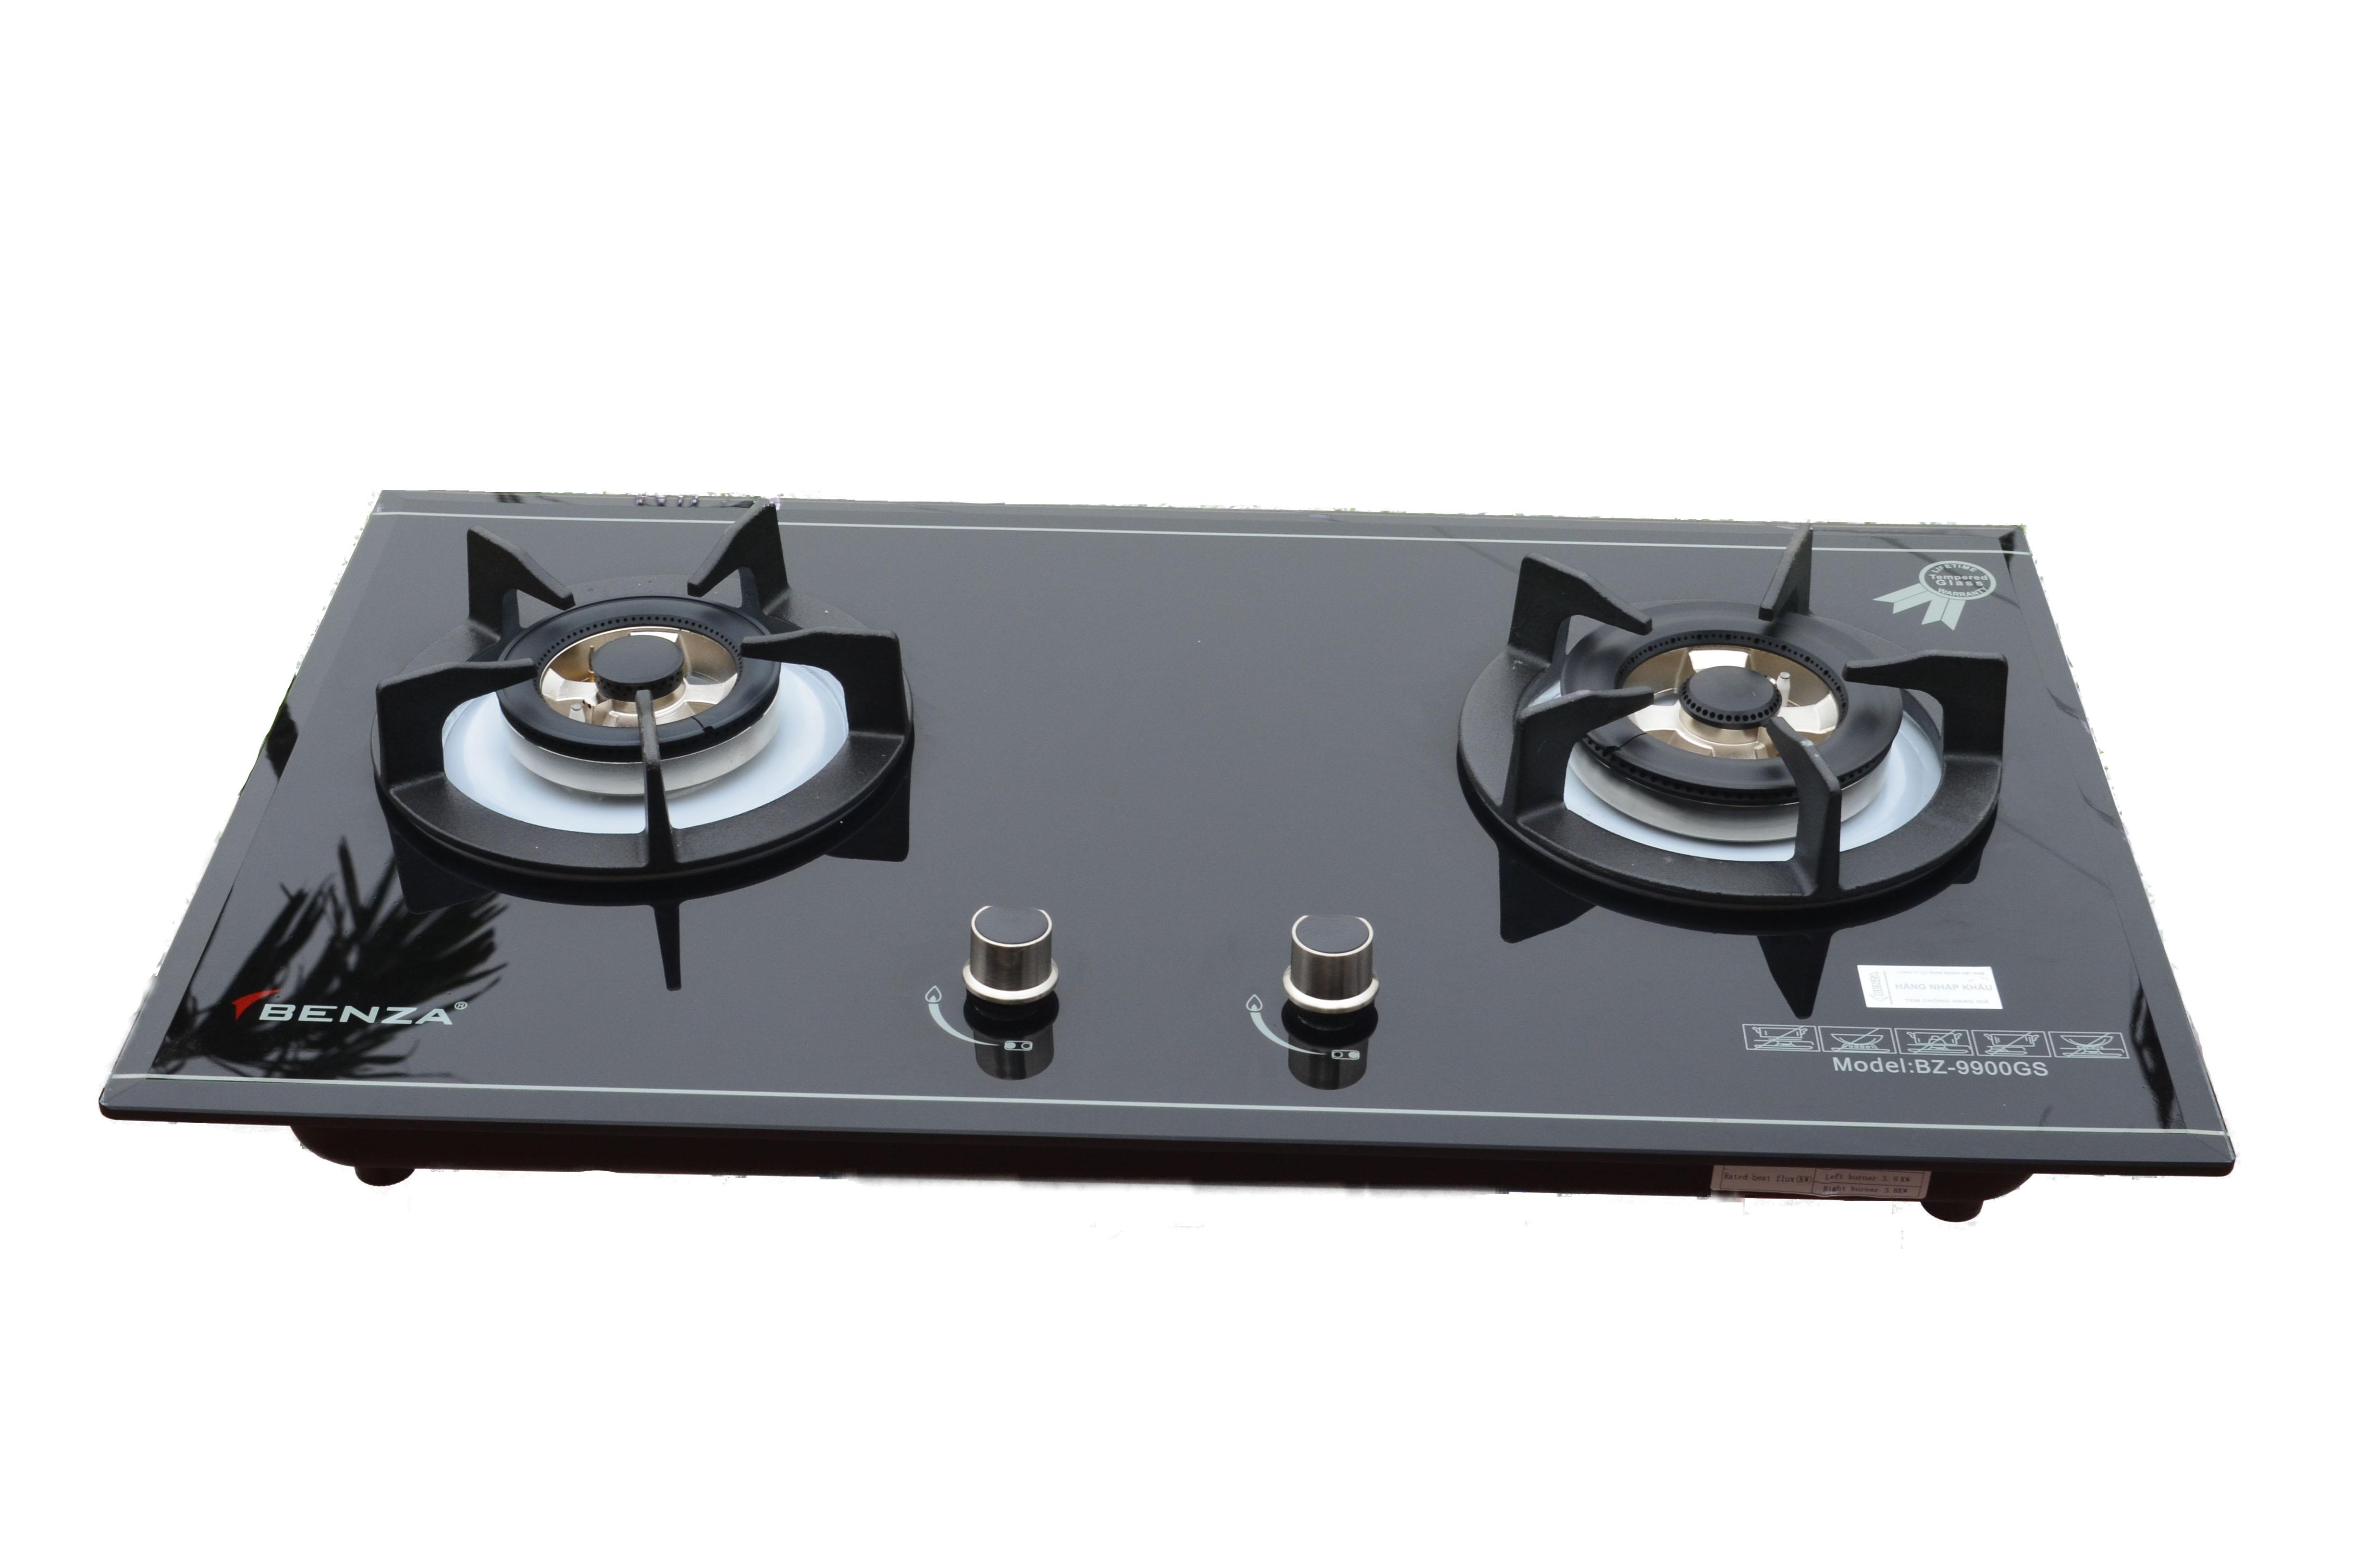 http://noithatphuongdong.com.vn/bep-ga-benza-bz-9900gs